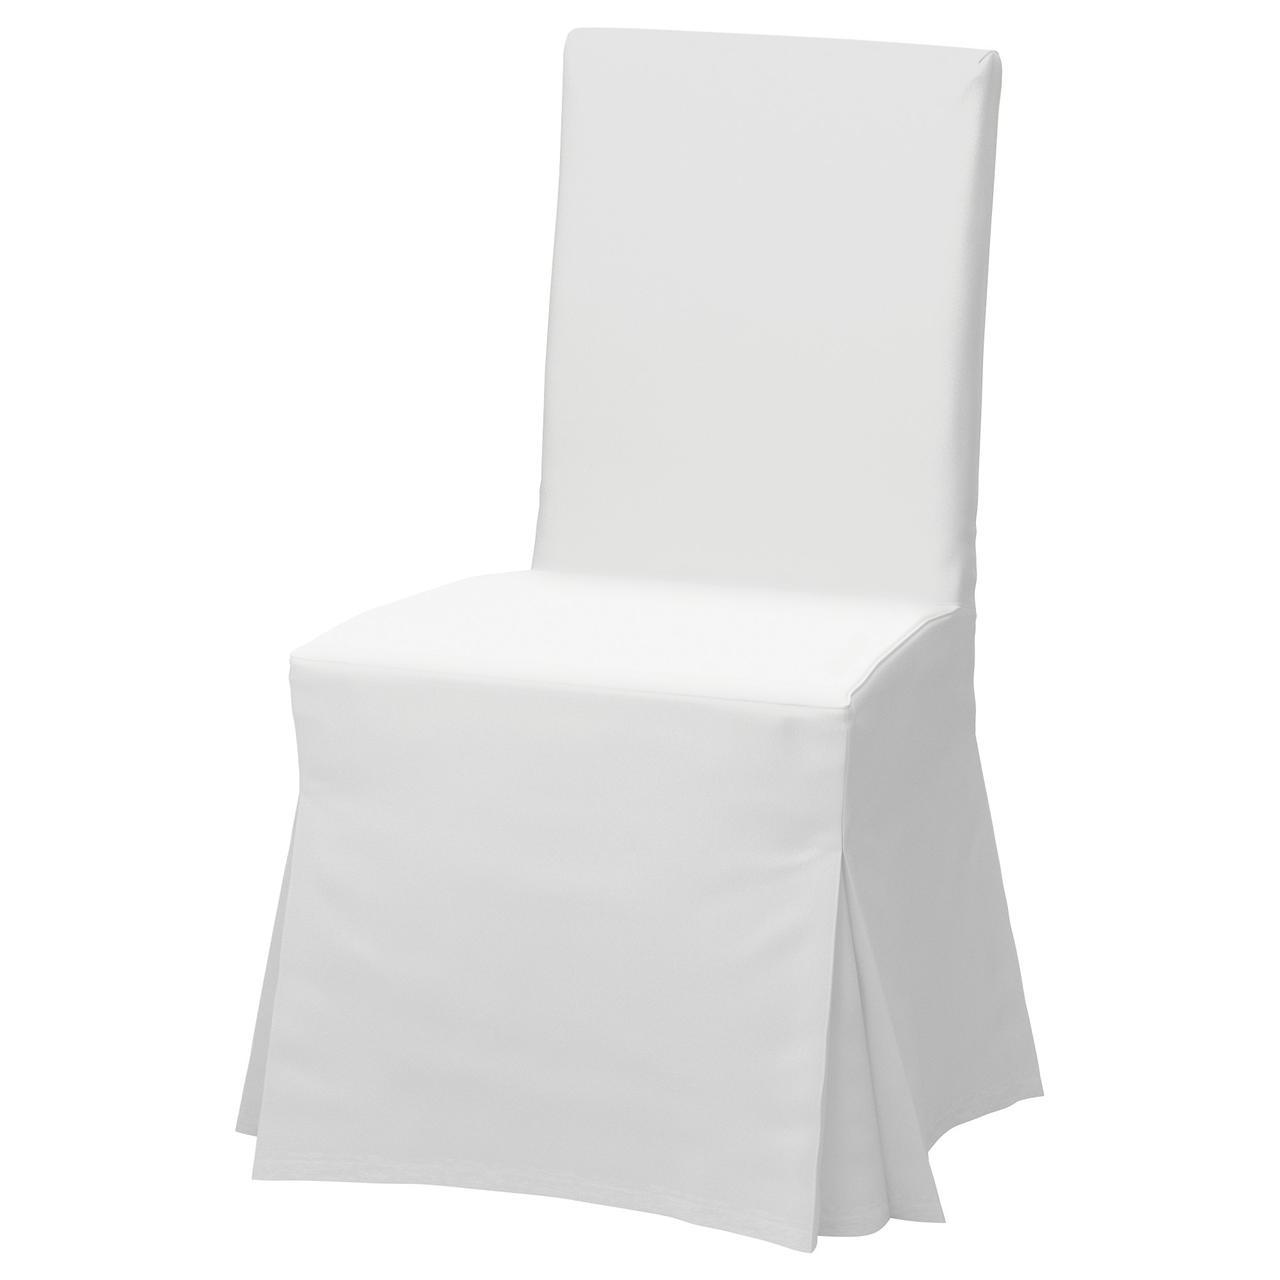 Кресло кухонное IKEA HENRIKSDAL Blekinge белое 192.208.46